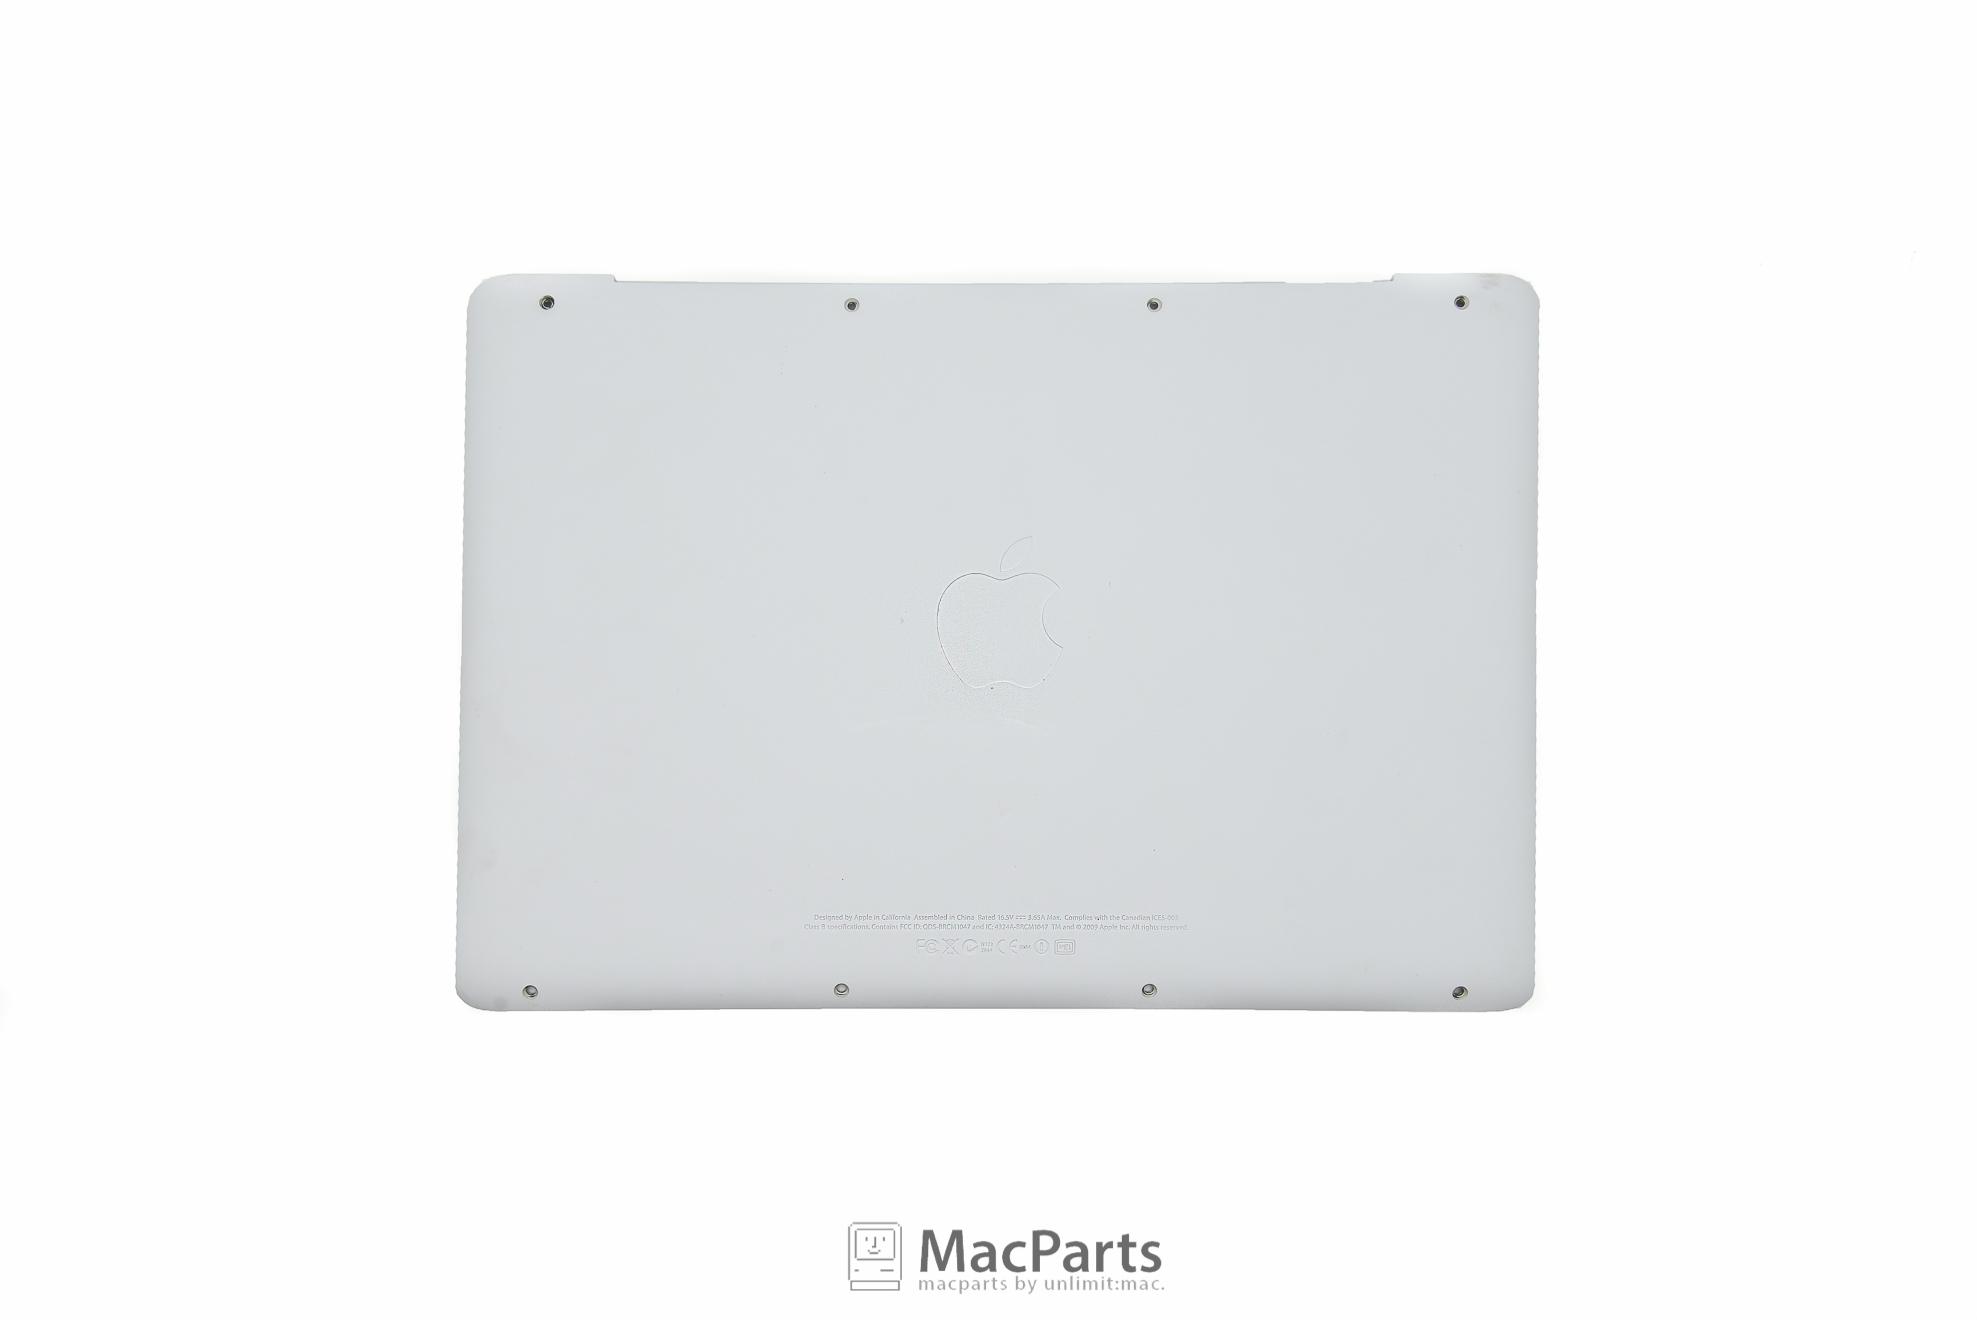 604-1033 Bottom Case For MacBook White Unibody 2009-2010 80%